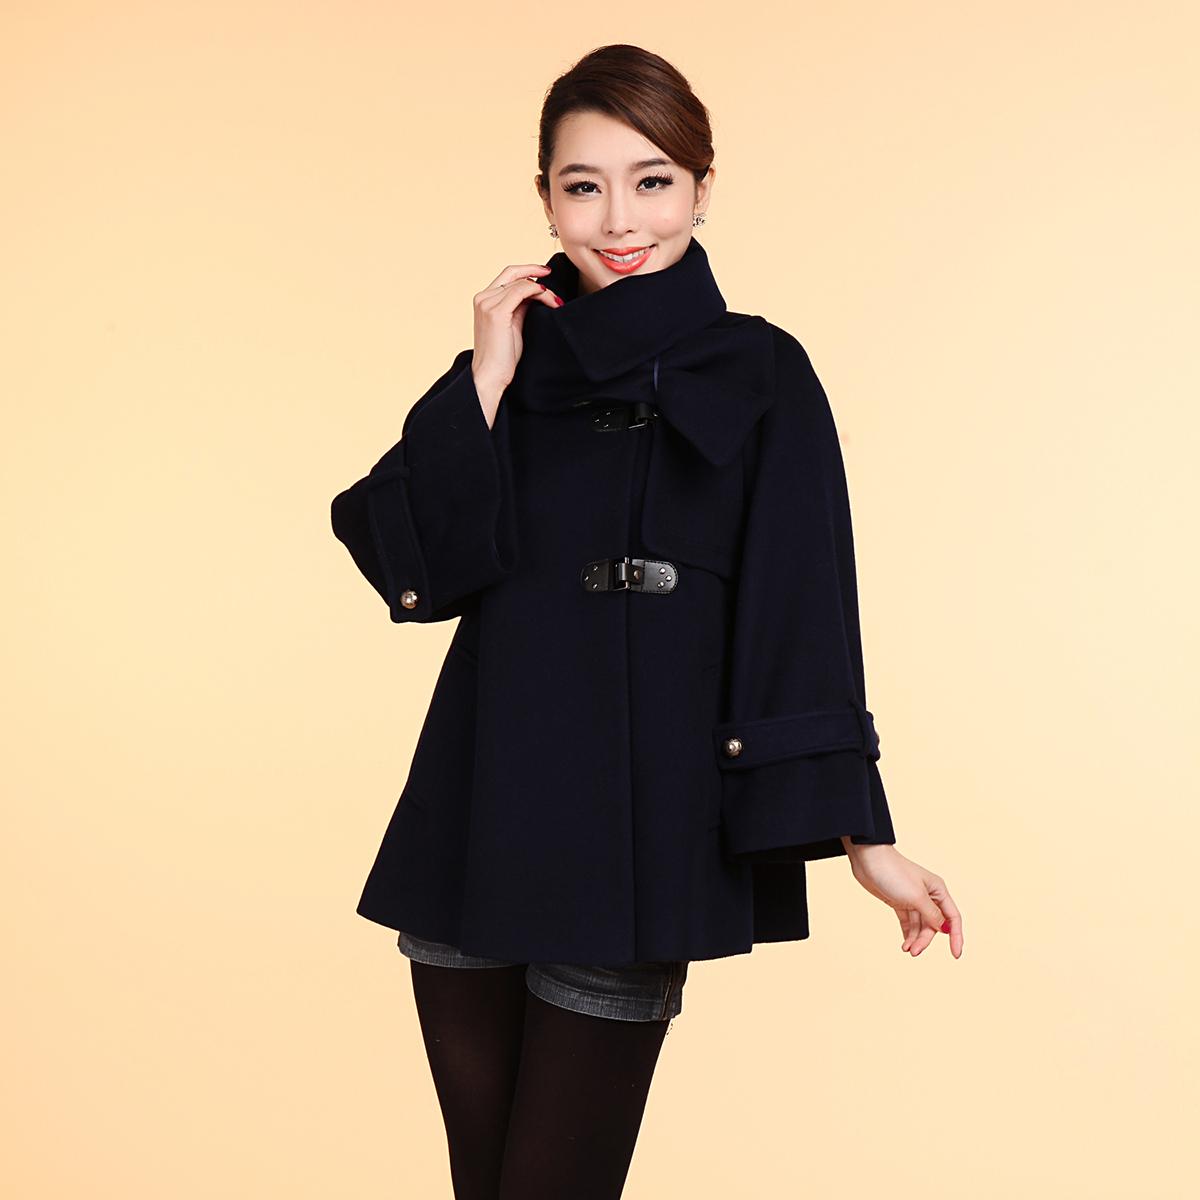 琢盈品牌女装专柜正品2013冬季新中长韩版九分袖羊毛大衣a-134001商品